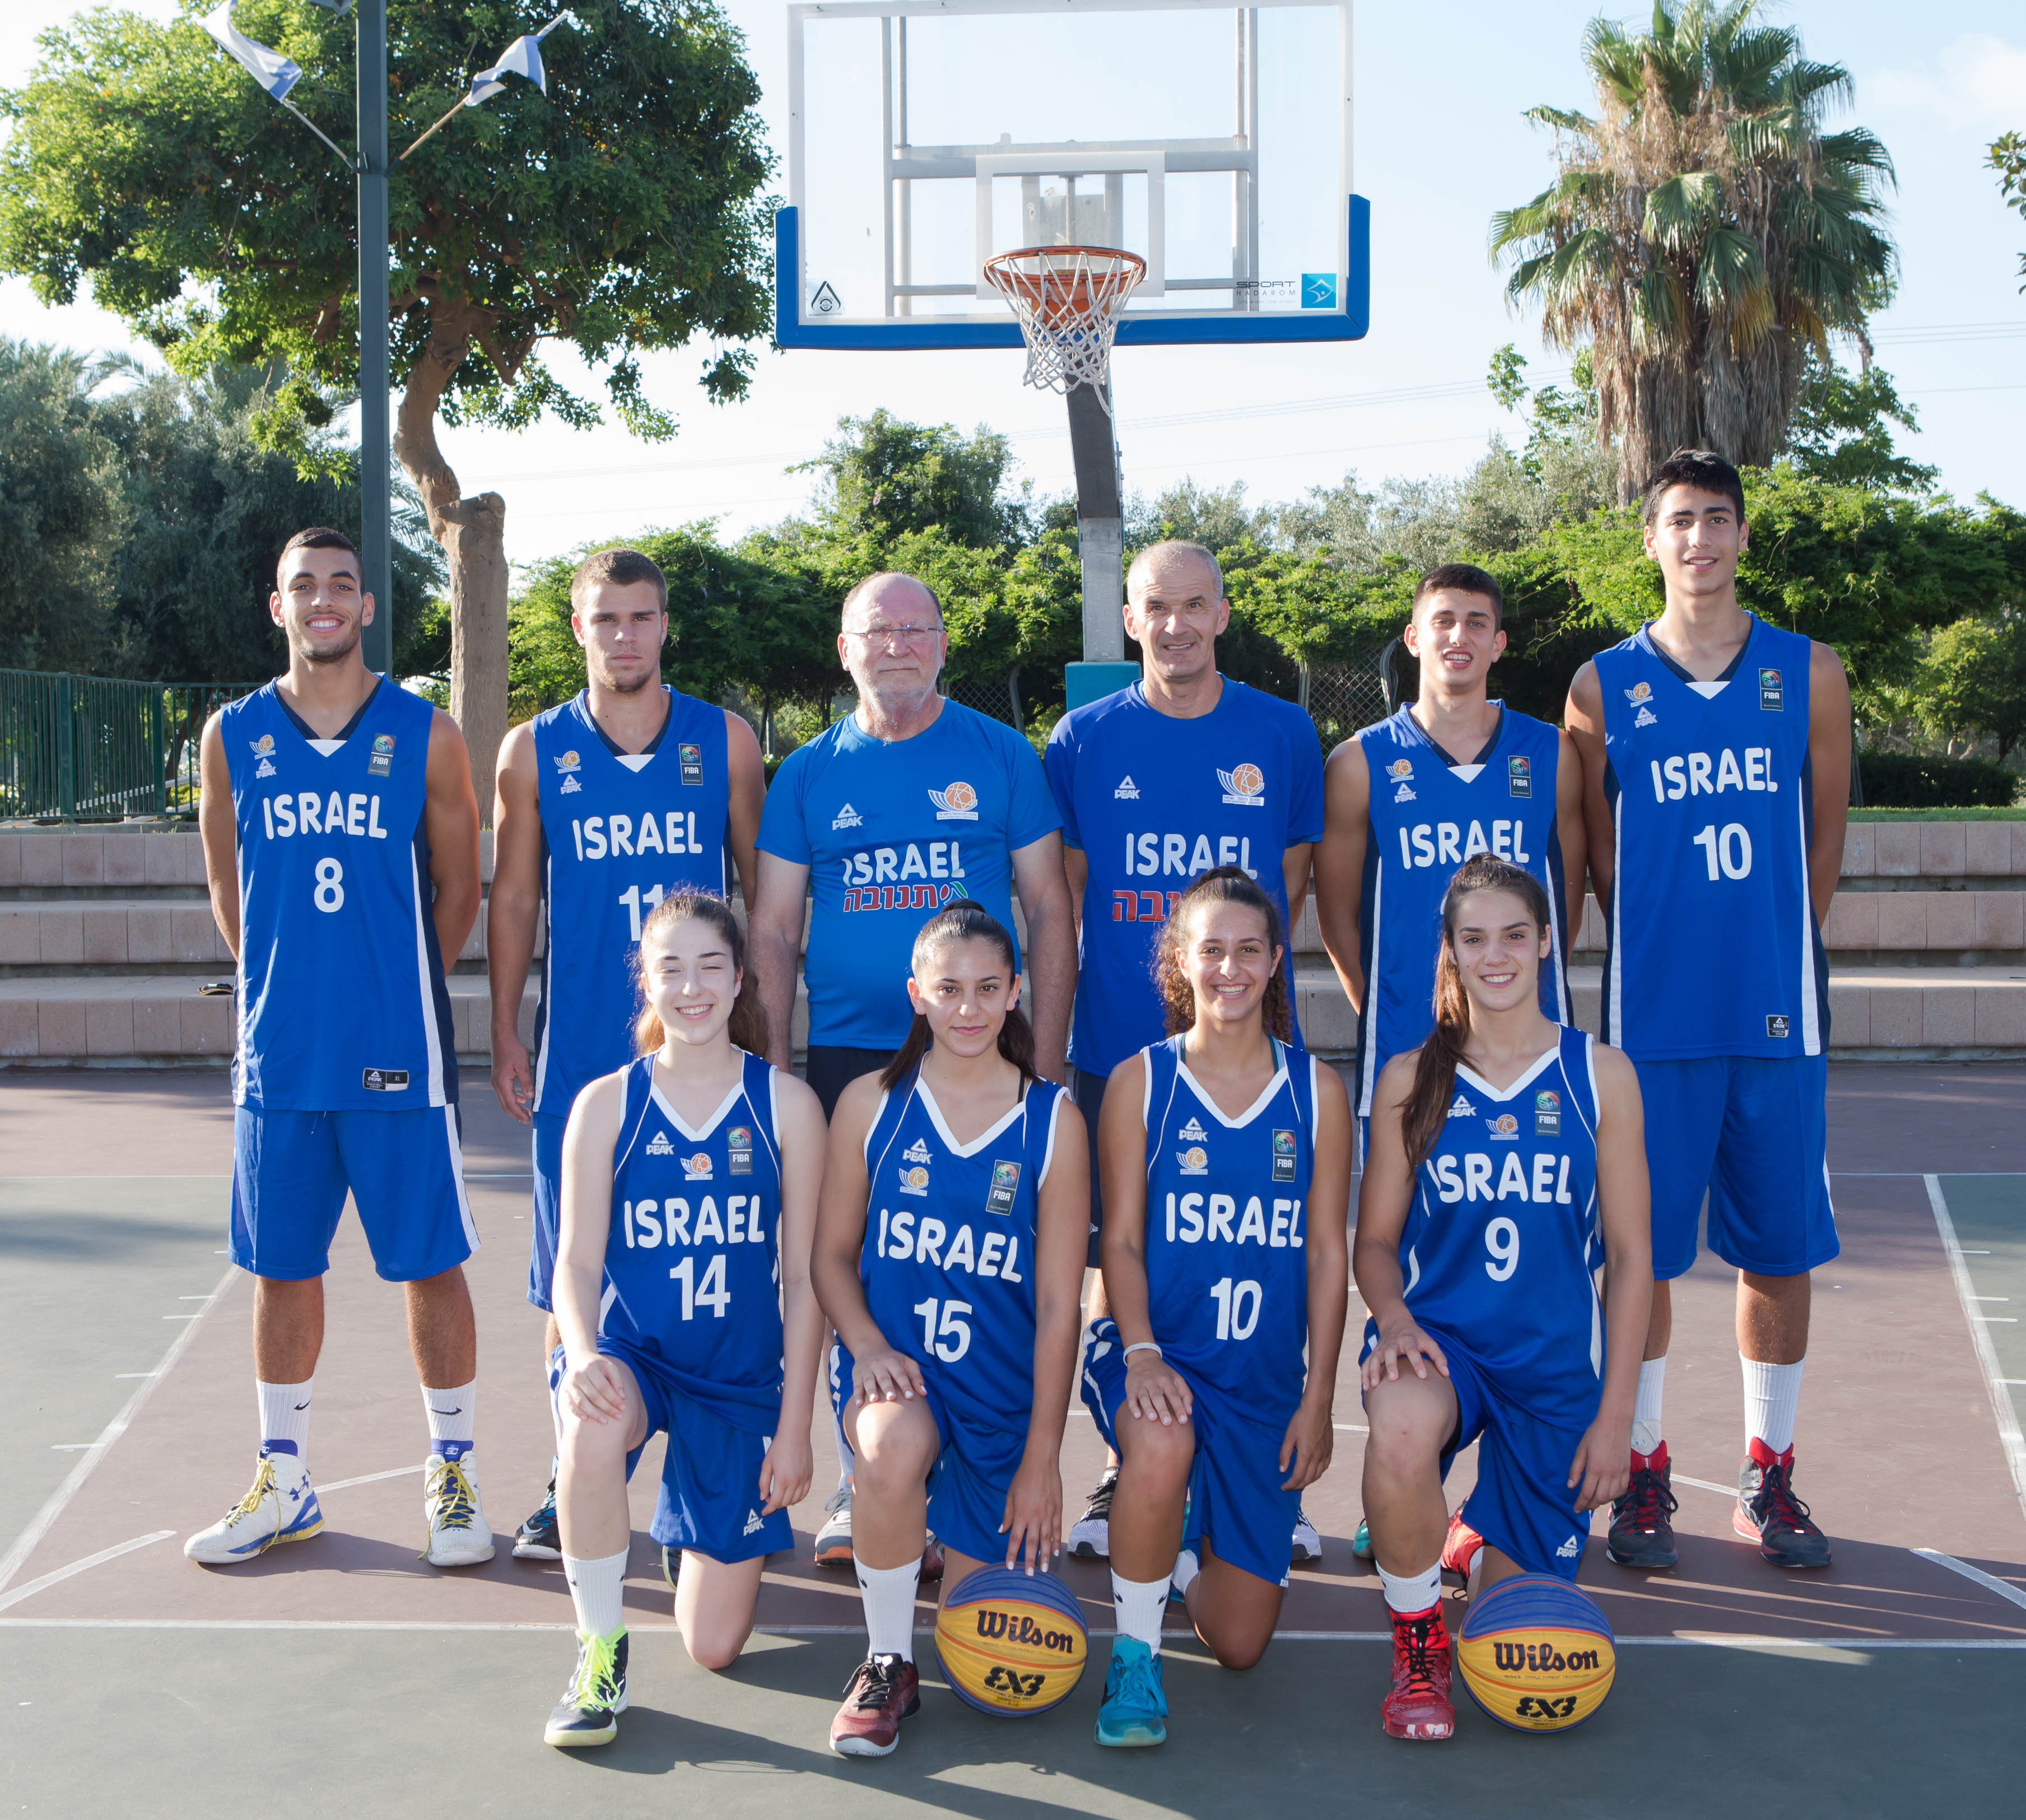 נבחרות הנערות והנערים 3X3 יצאו למוקדמות אליפות אירופה